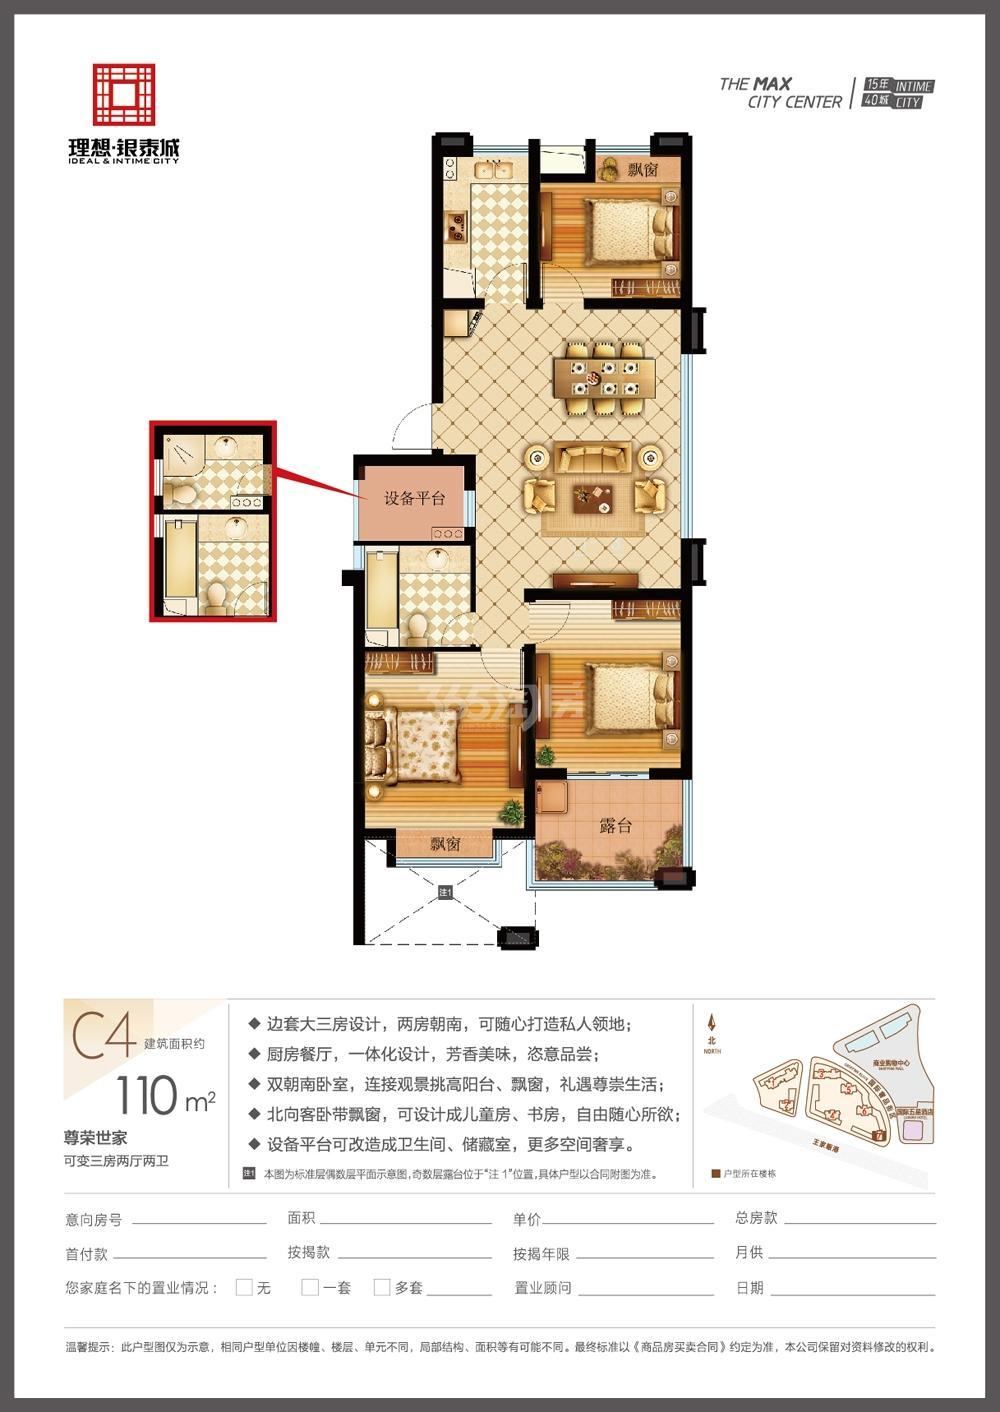 理想银泰城7号楼C4户型110方户型图